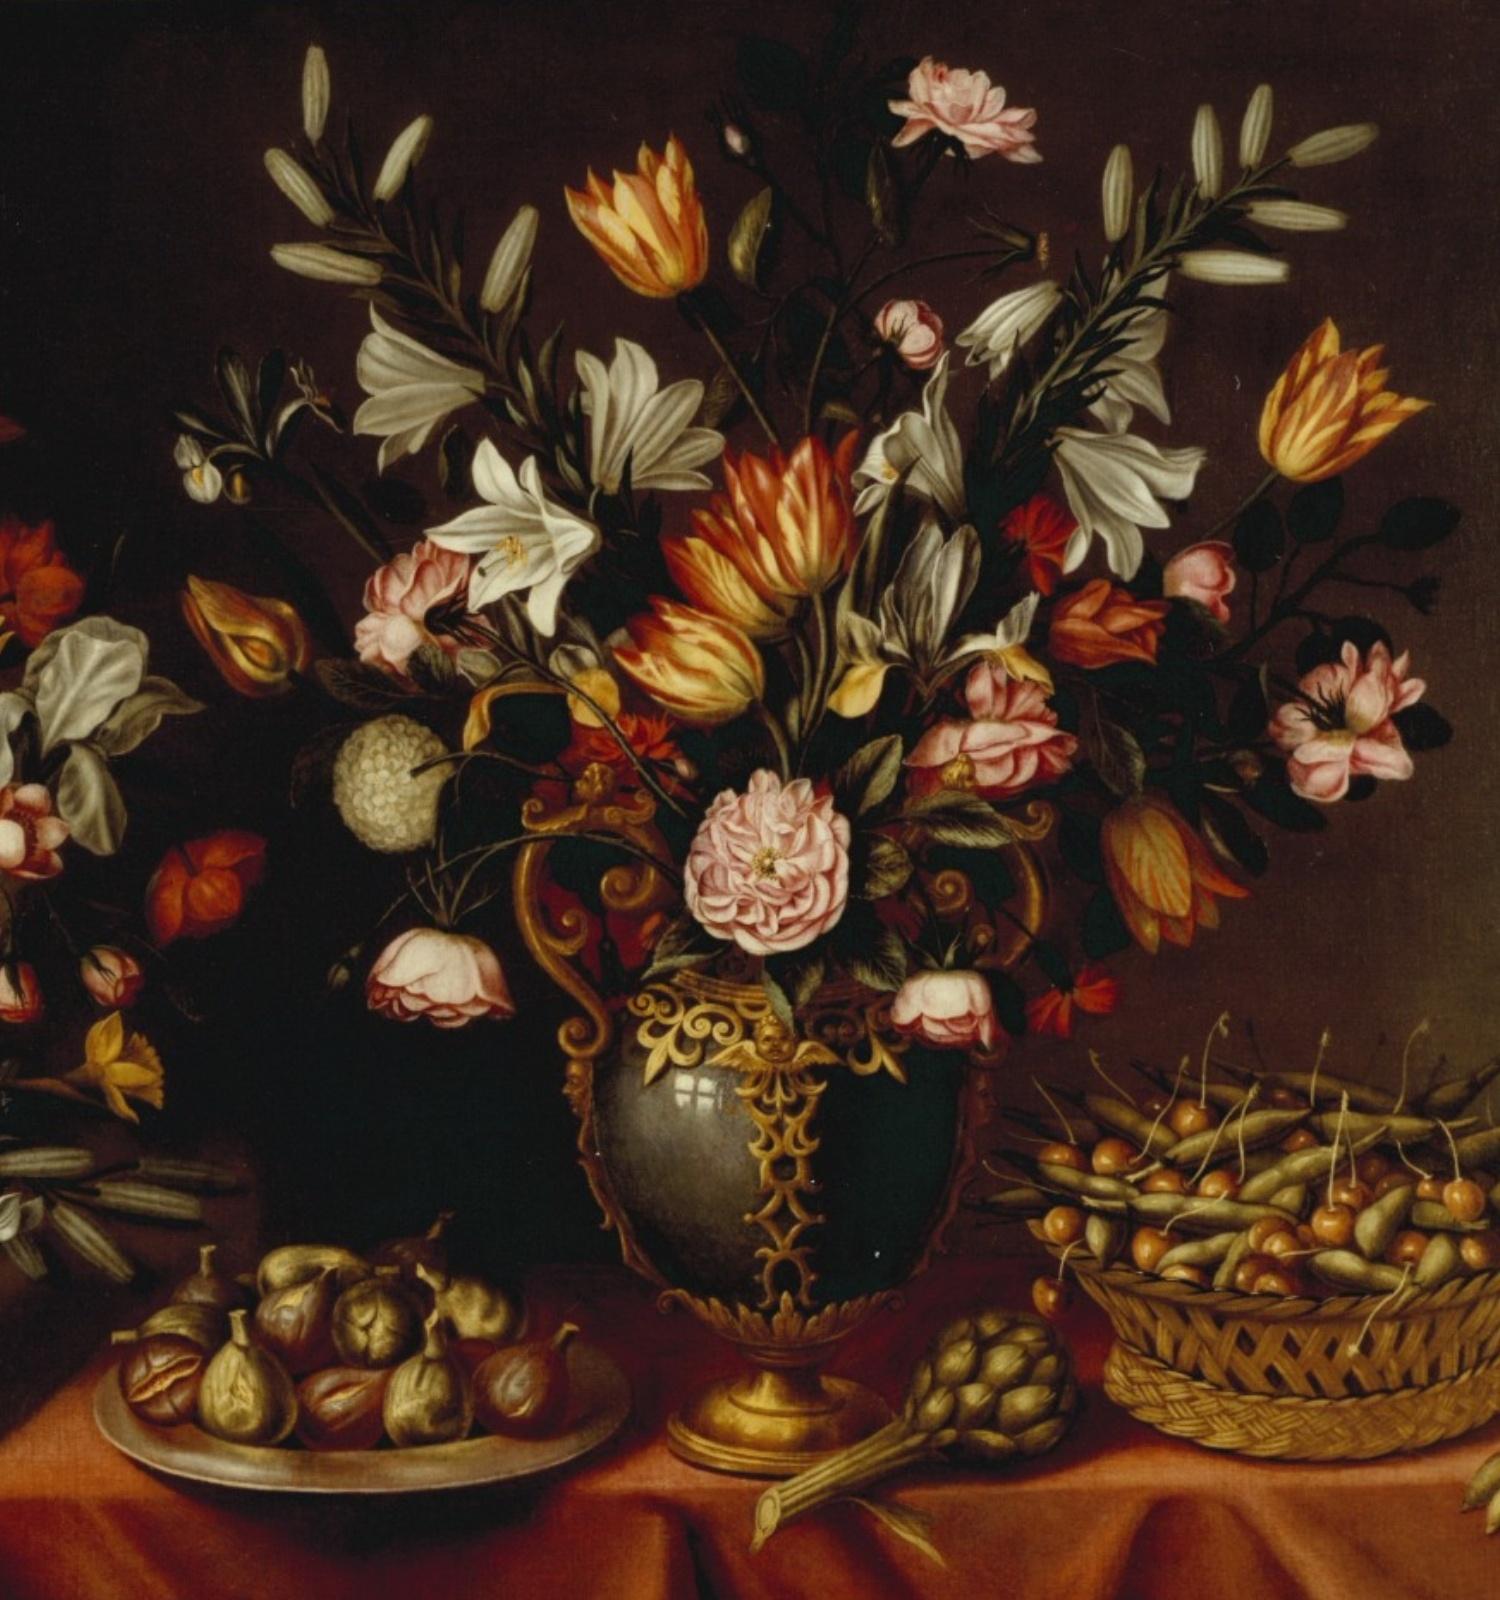 Antonio Ponce, El mes de mayo, c. 1635-1640